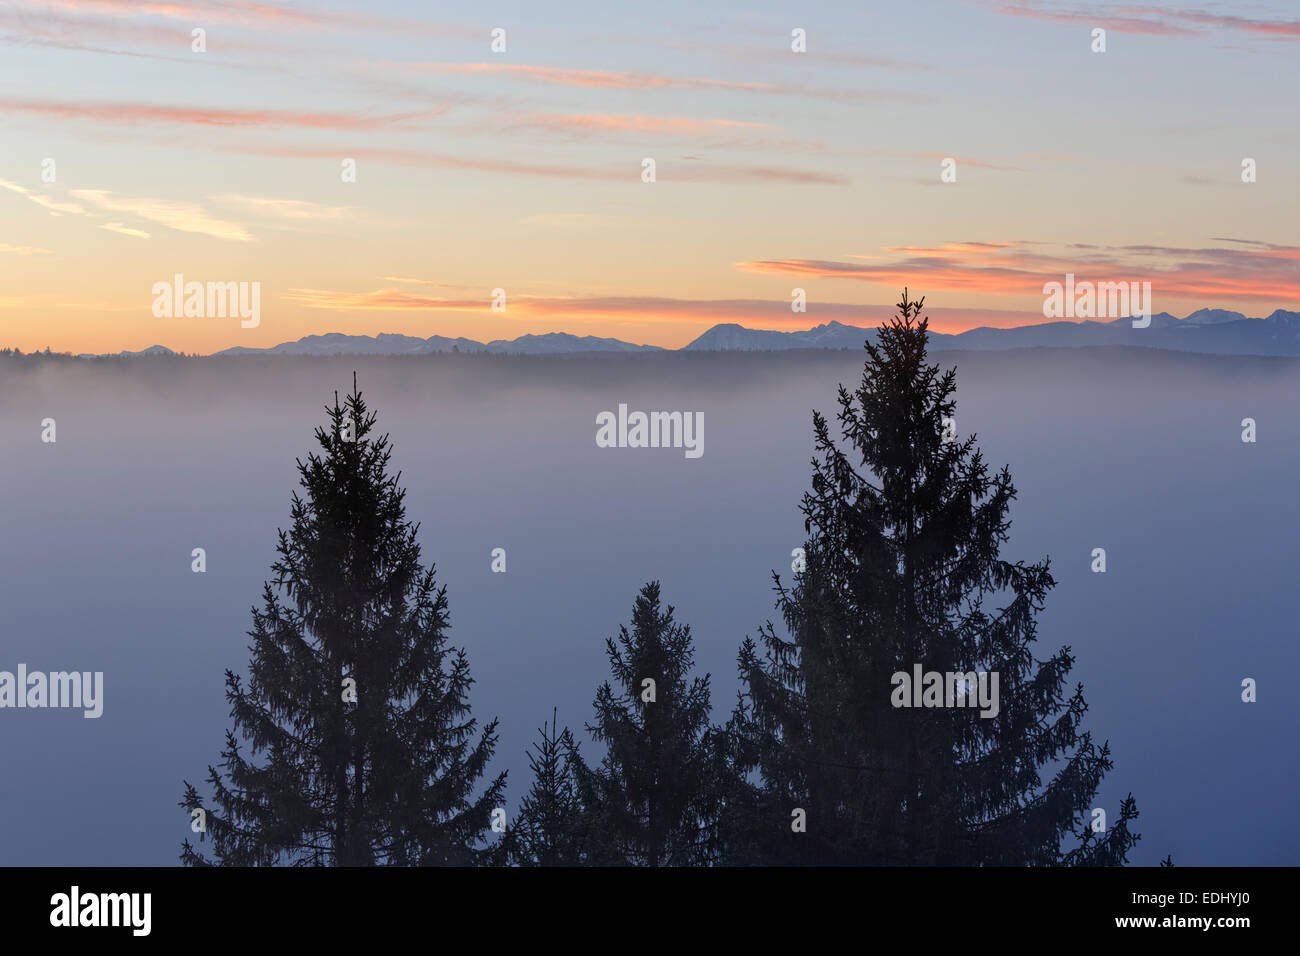 Morning atmosphere, Weiße Wand above Pupplinger Au, Icking, Upper Bavaria, Bavaria, Germany - Stock Image